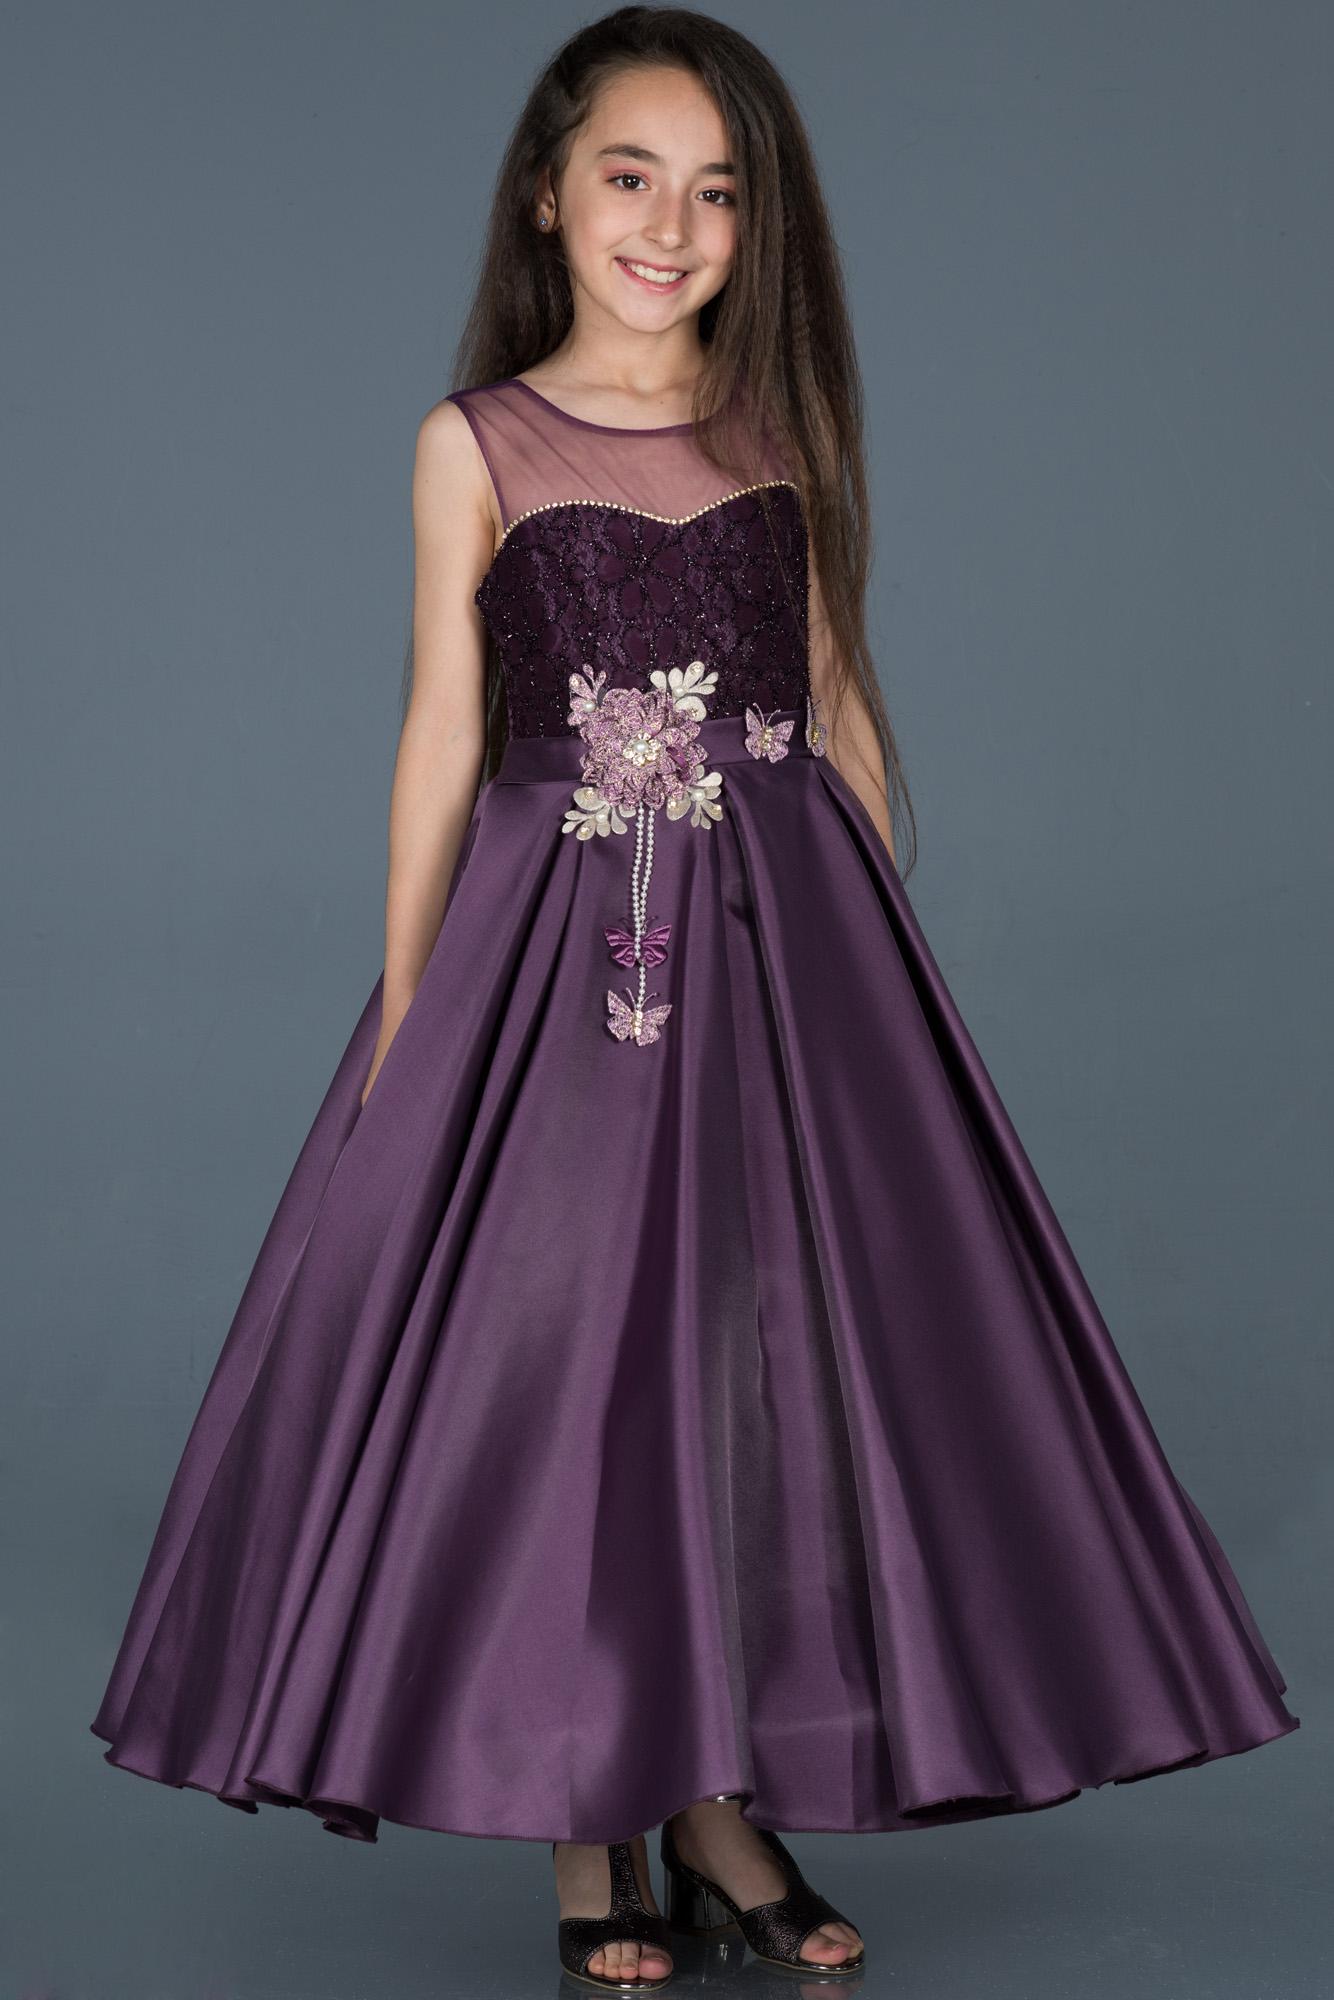 abendkleid für kinder lang violett dunkel abu791